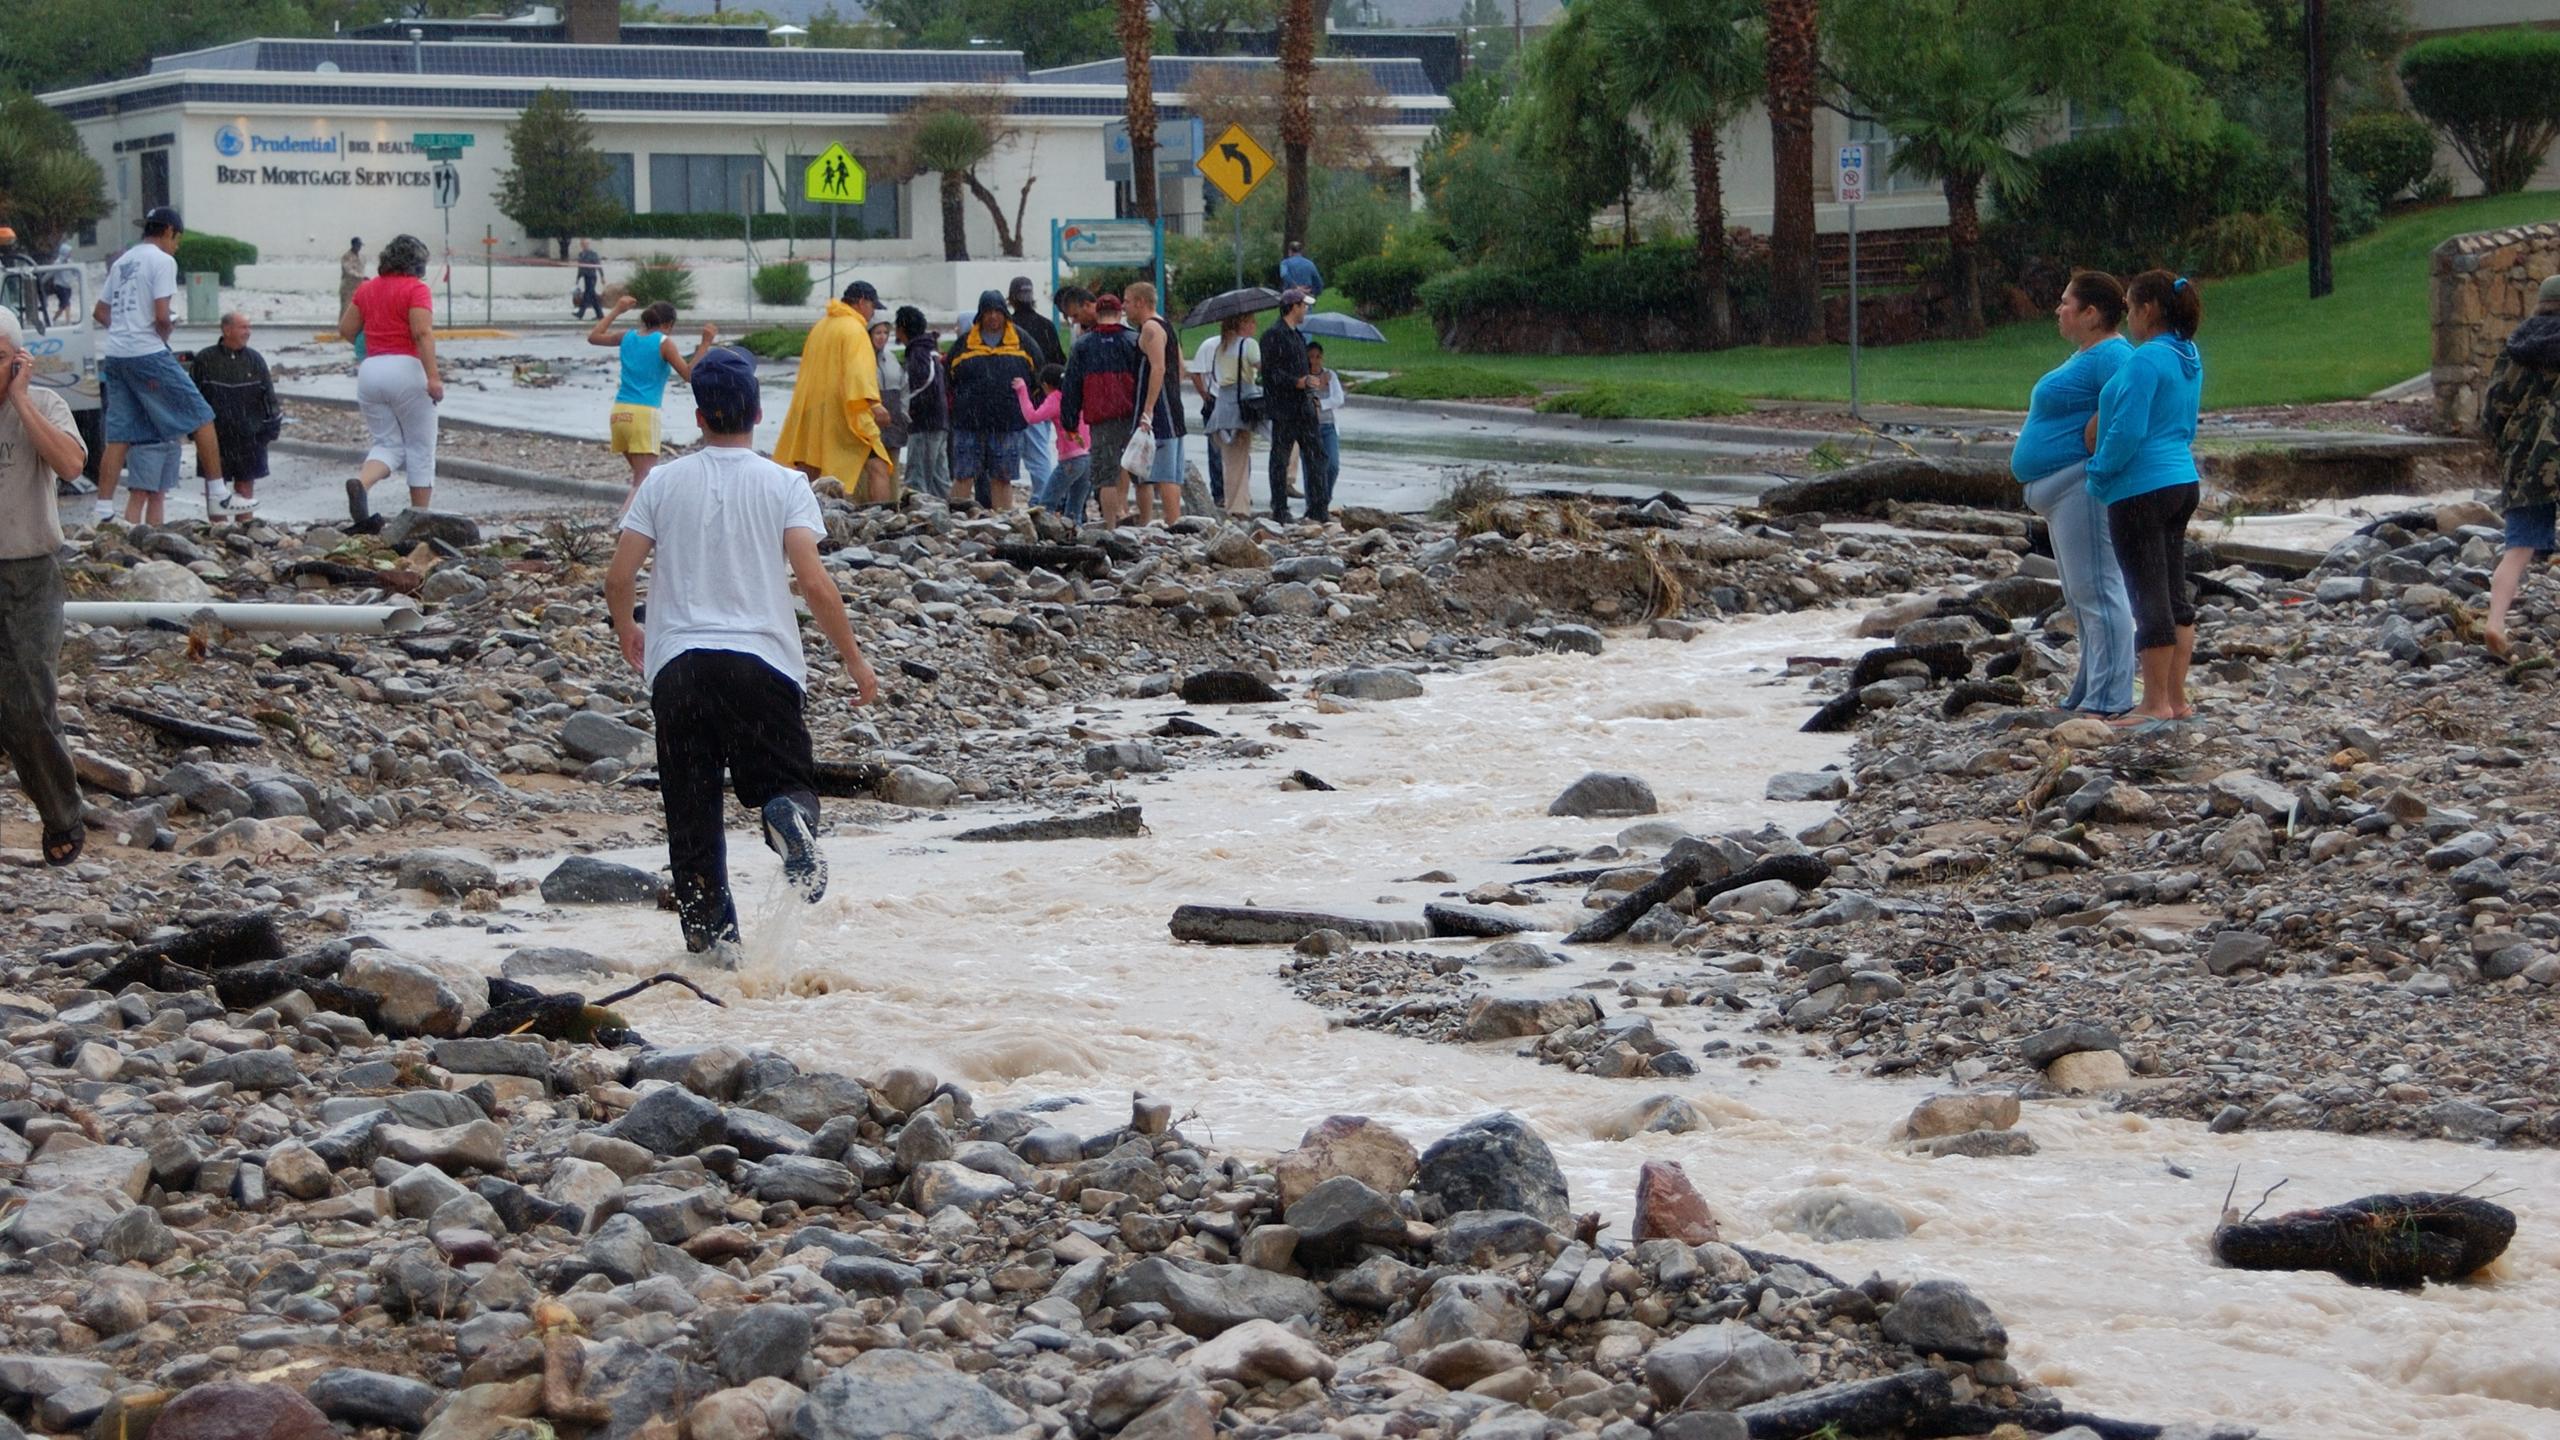 El Paso, Texas flood